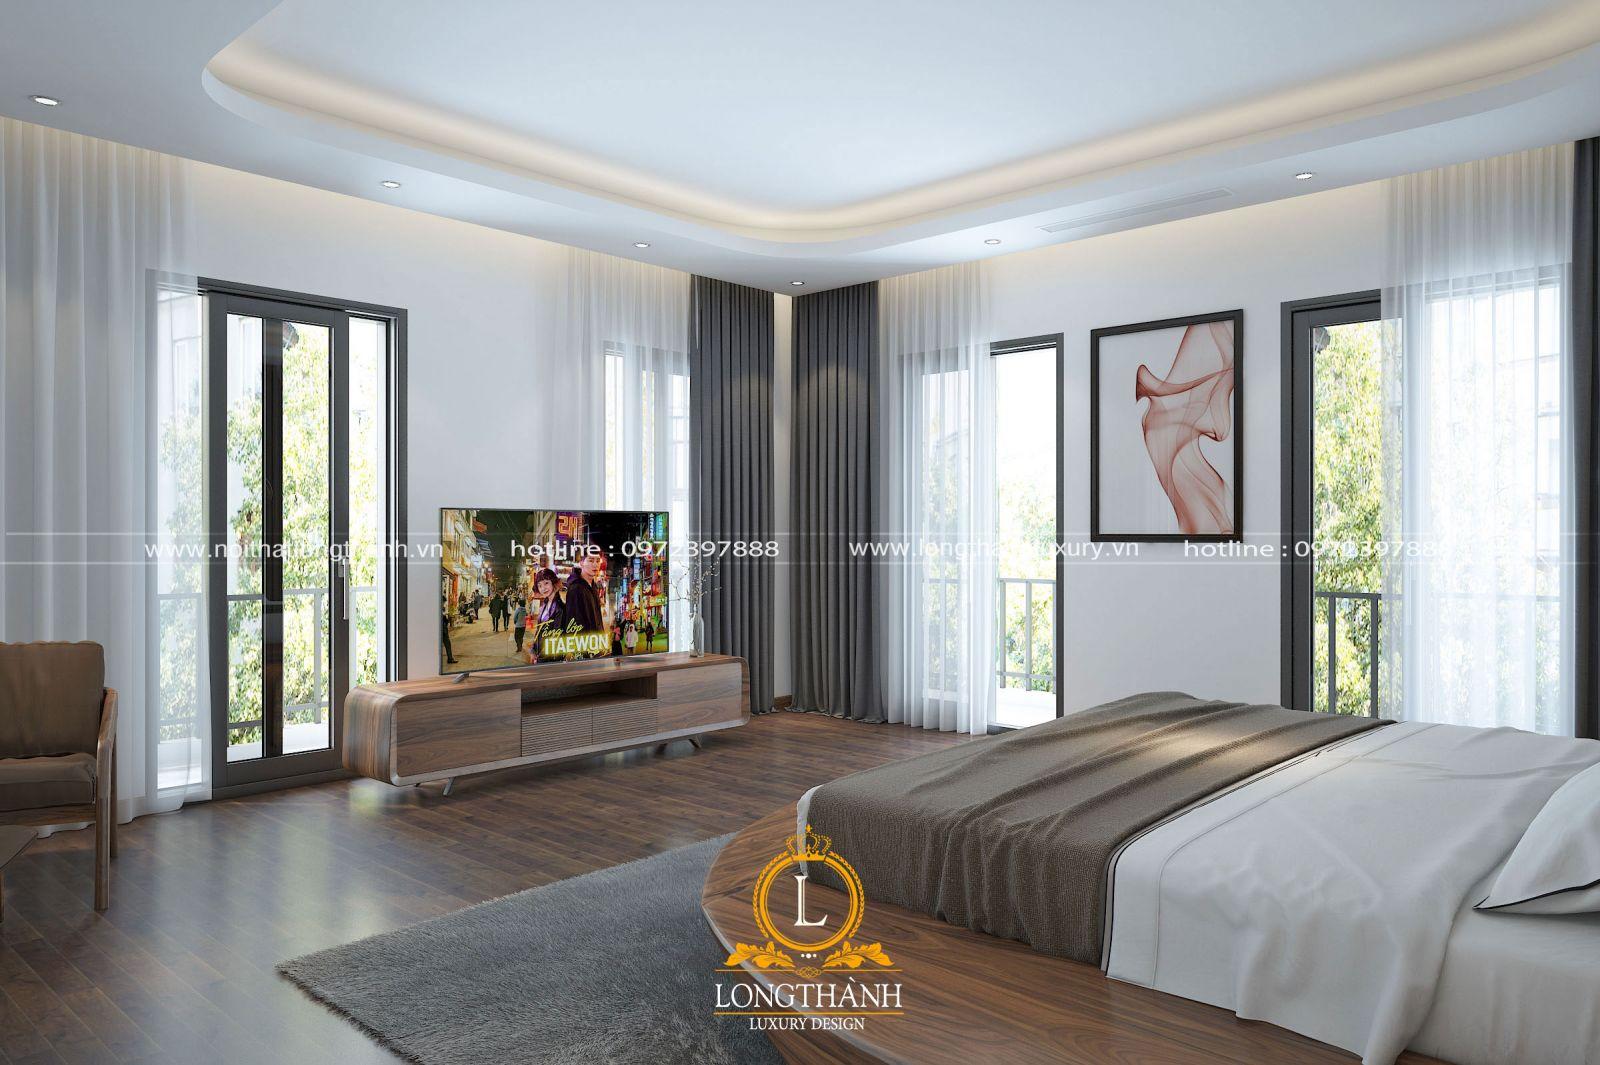 Phong cách hiện đại được lựa chọn sử dụng trong không gian phòng ngủ